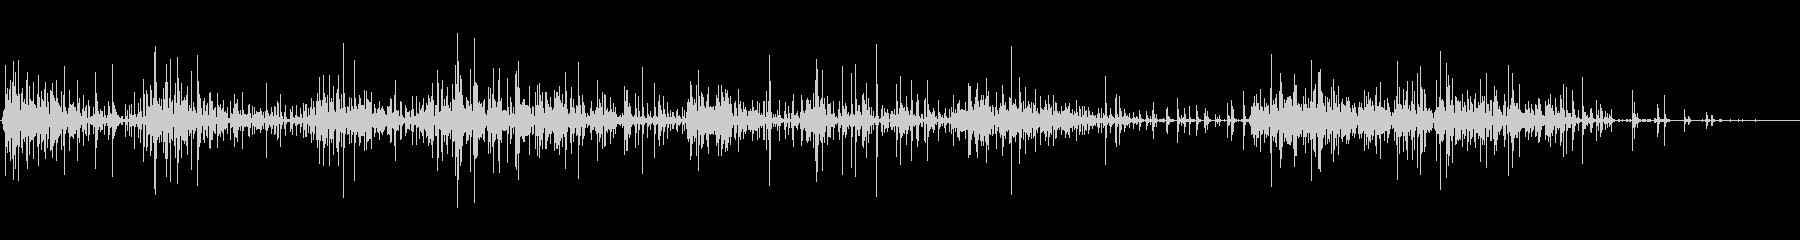 【環境音】水琴窟の音02 (池上梅園)の未再生の波形